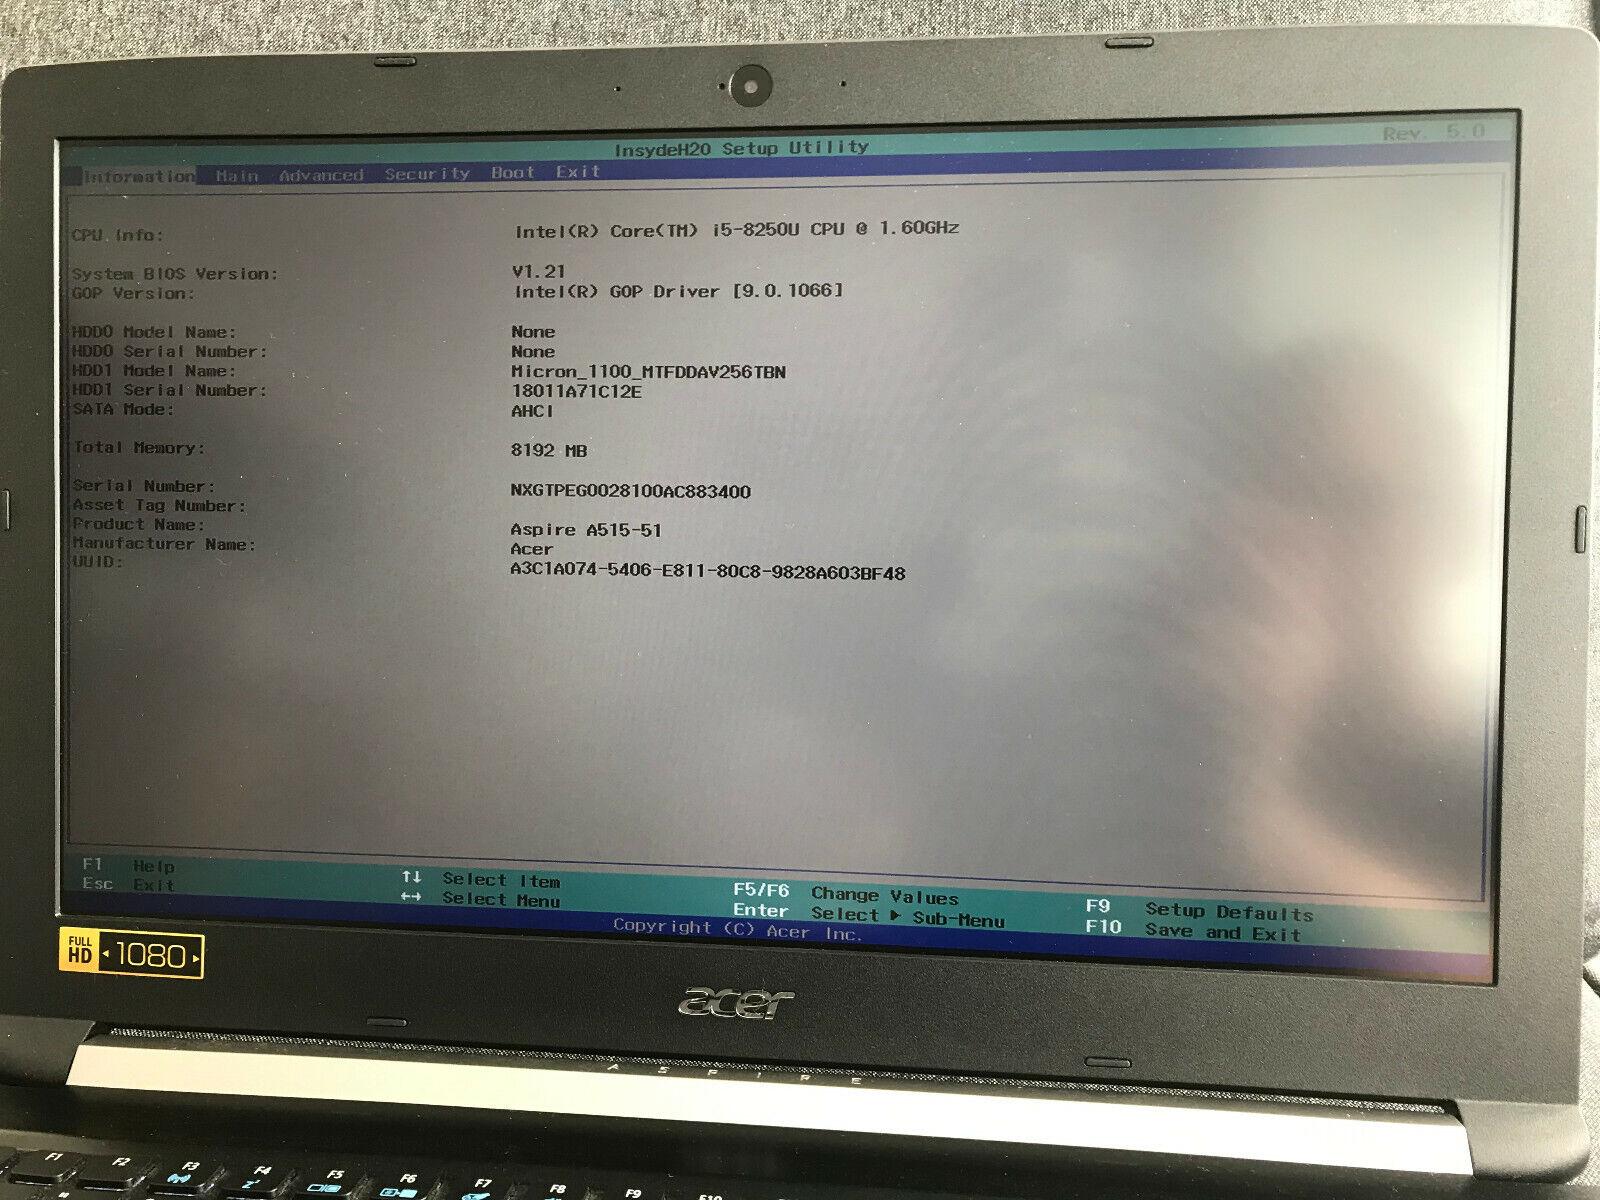 Acer Aspire A515-51-592H Intel i5-8250U 8GB RAM 256GB SSD neuwertig Notebook